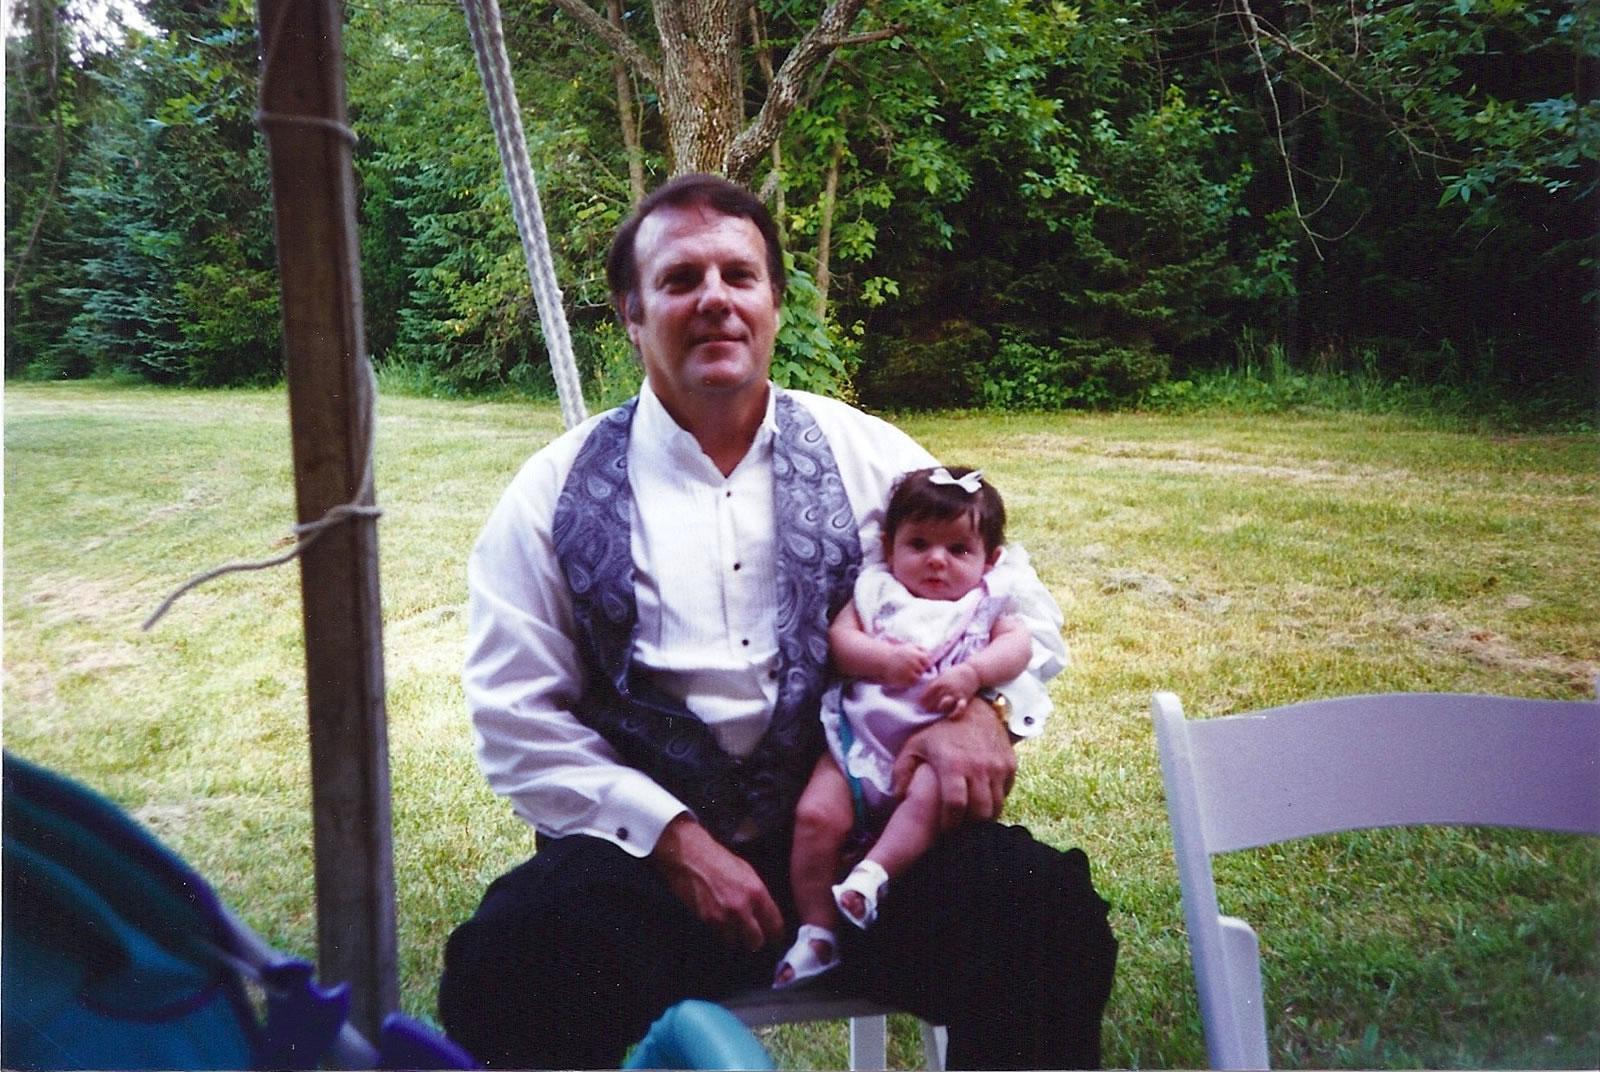 Skylar & Grandpa Don